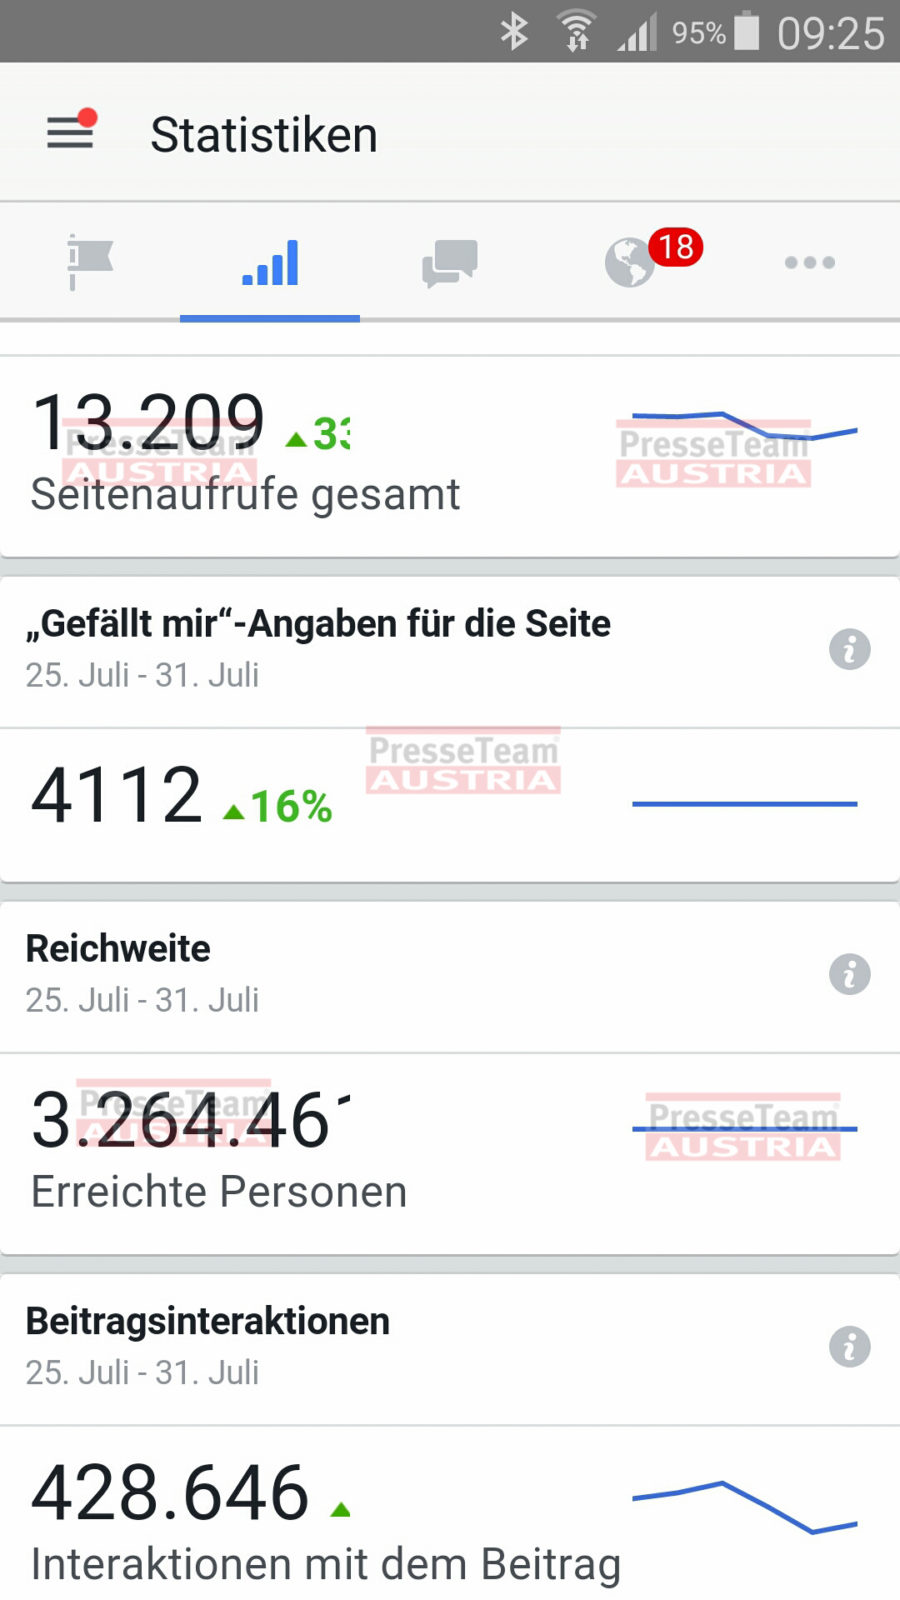 Facebook Marketing Schulung 74 - 10.730.101 Reichweite mit Facebook-Marketing: Der sichere Weg zu Ihrer Zielgruppe!